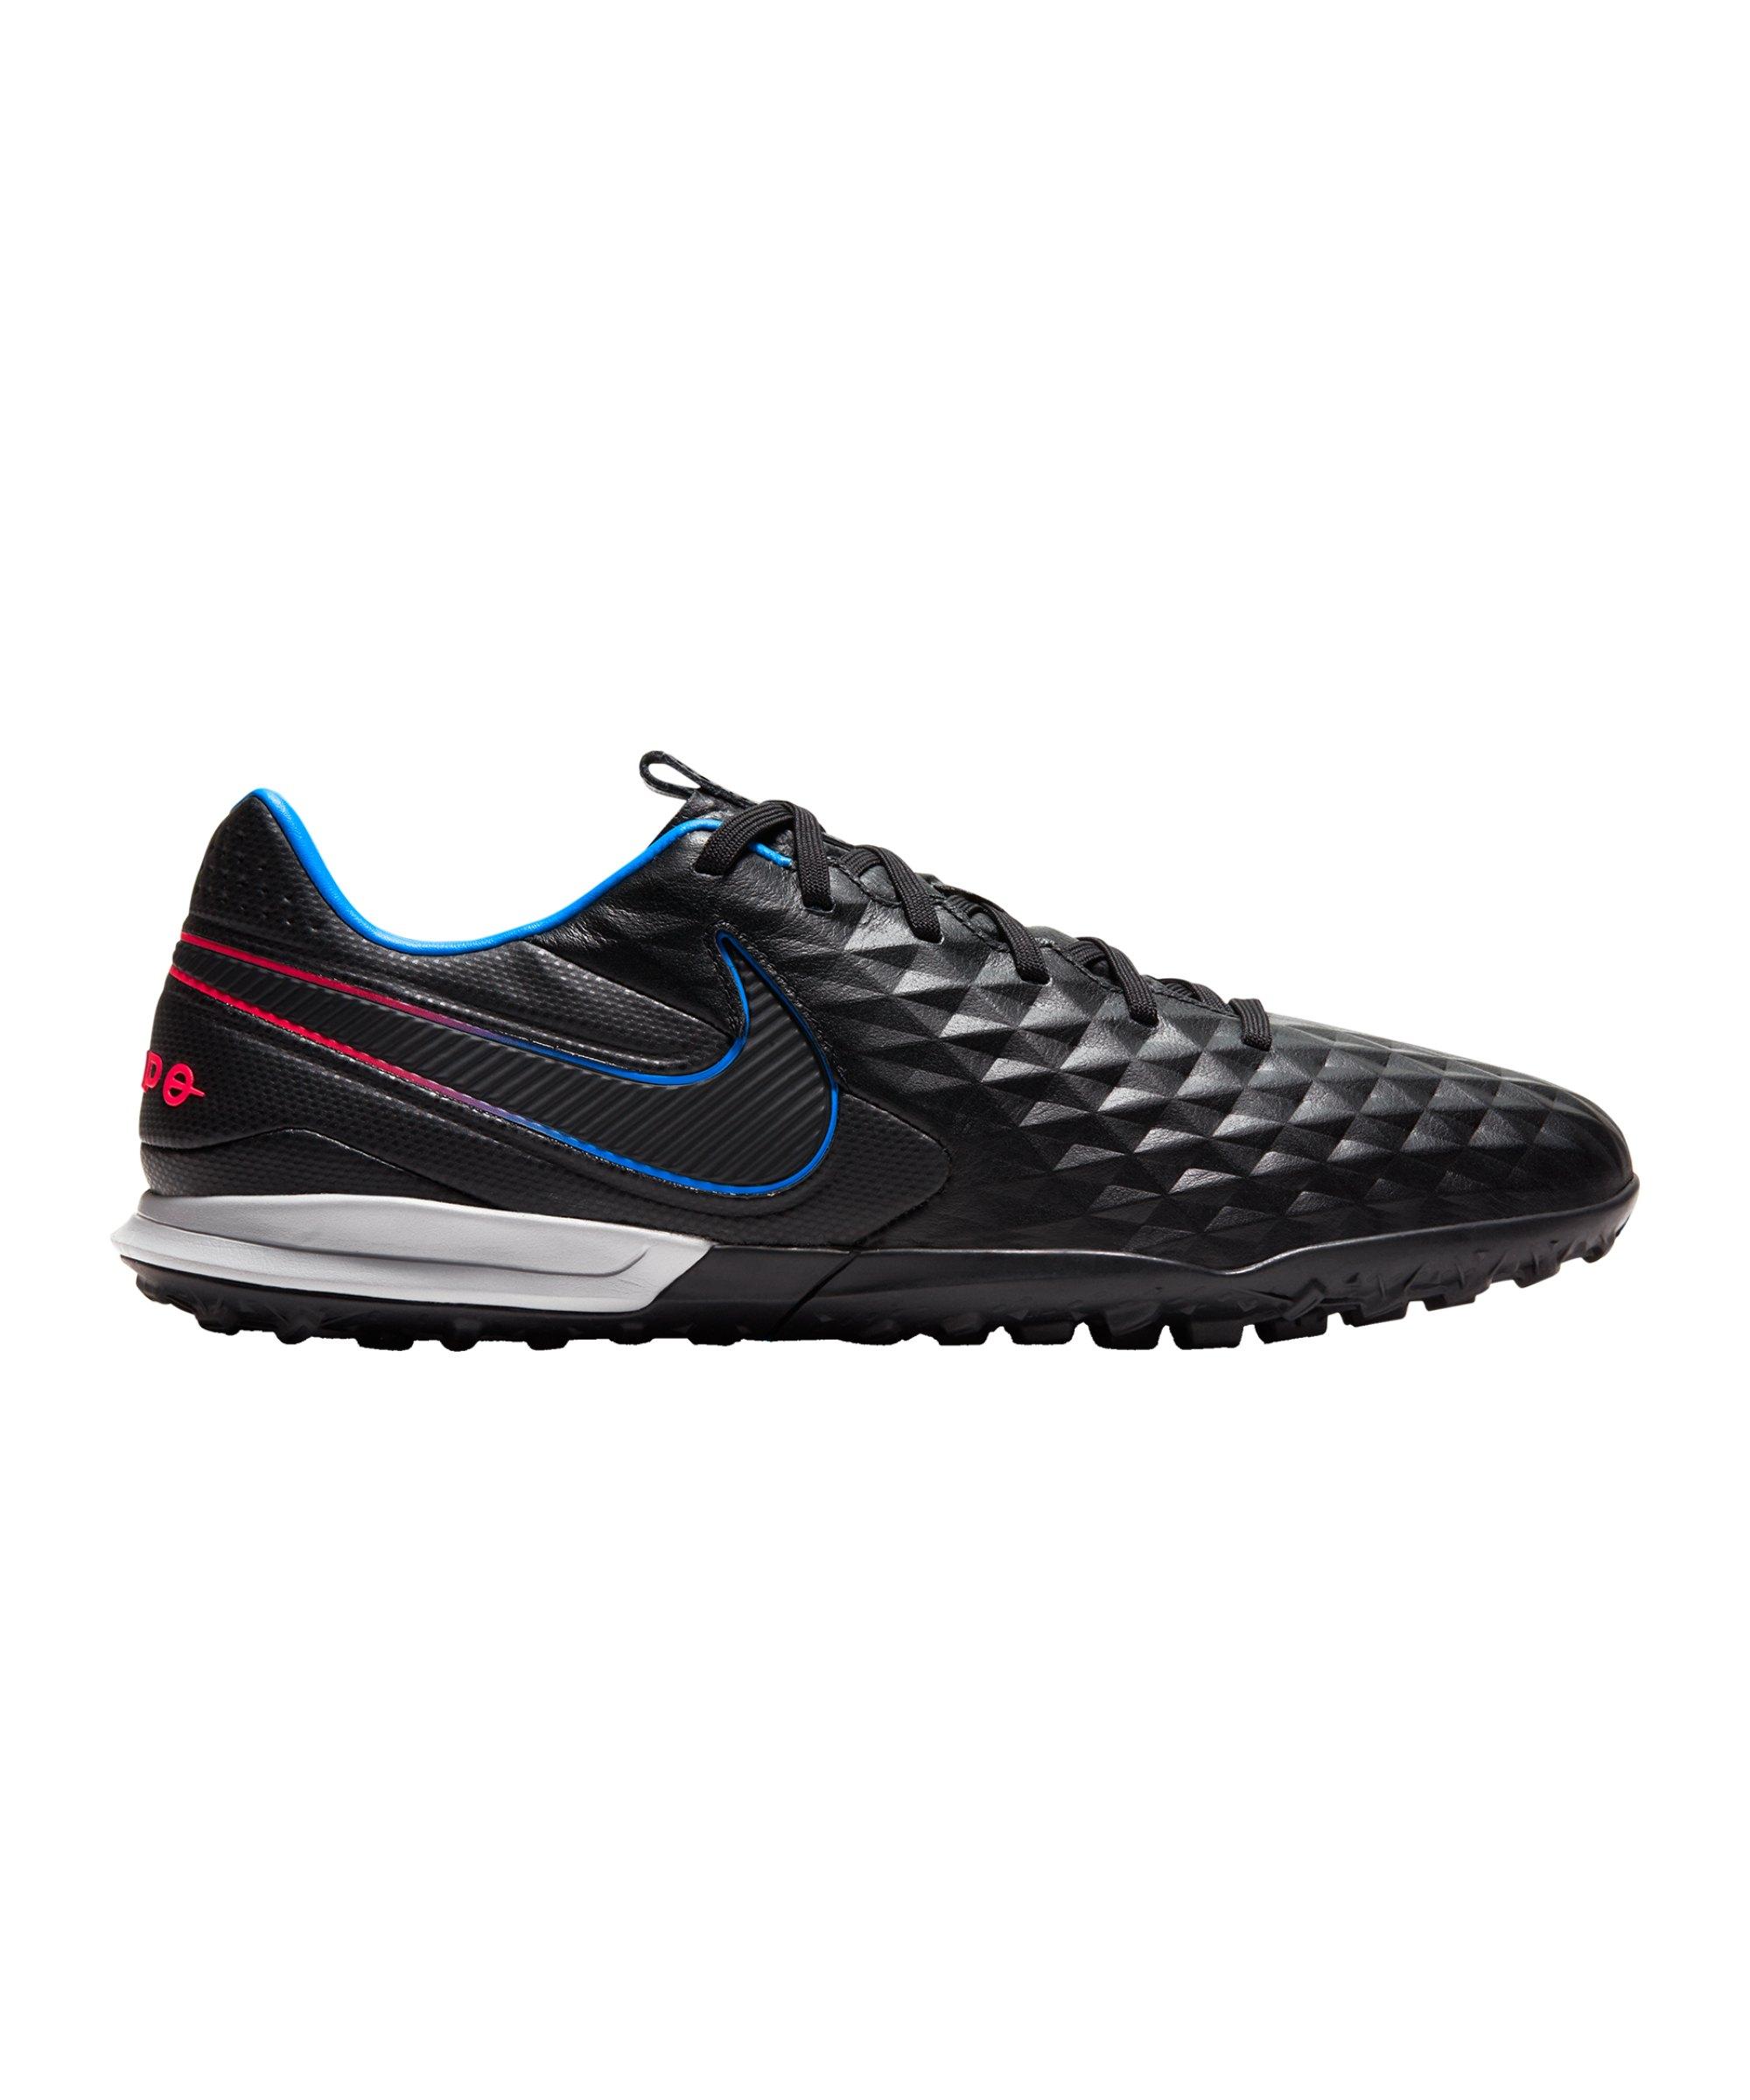 Nike Tiempo Legend VIII Black X Prism Pro TF Schwarz Blau Rot F090 - schwarz